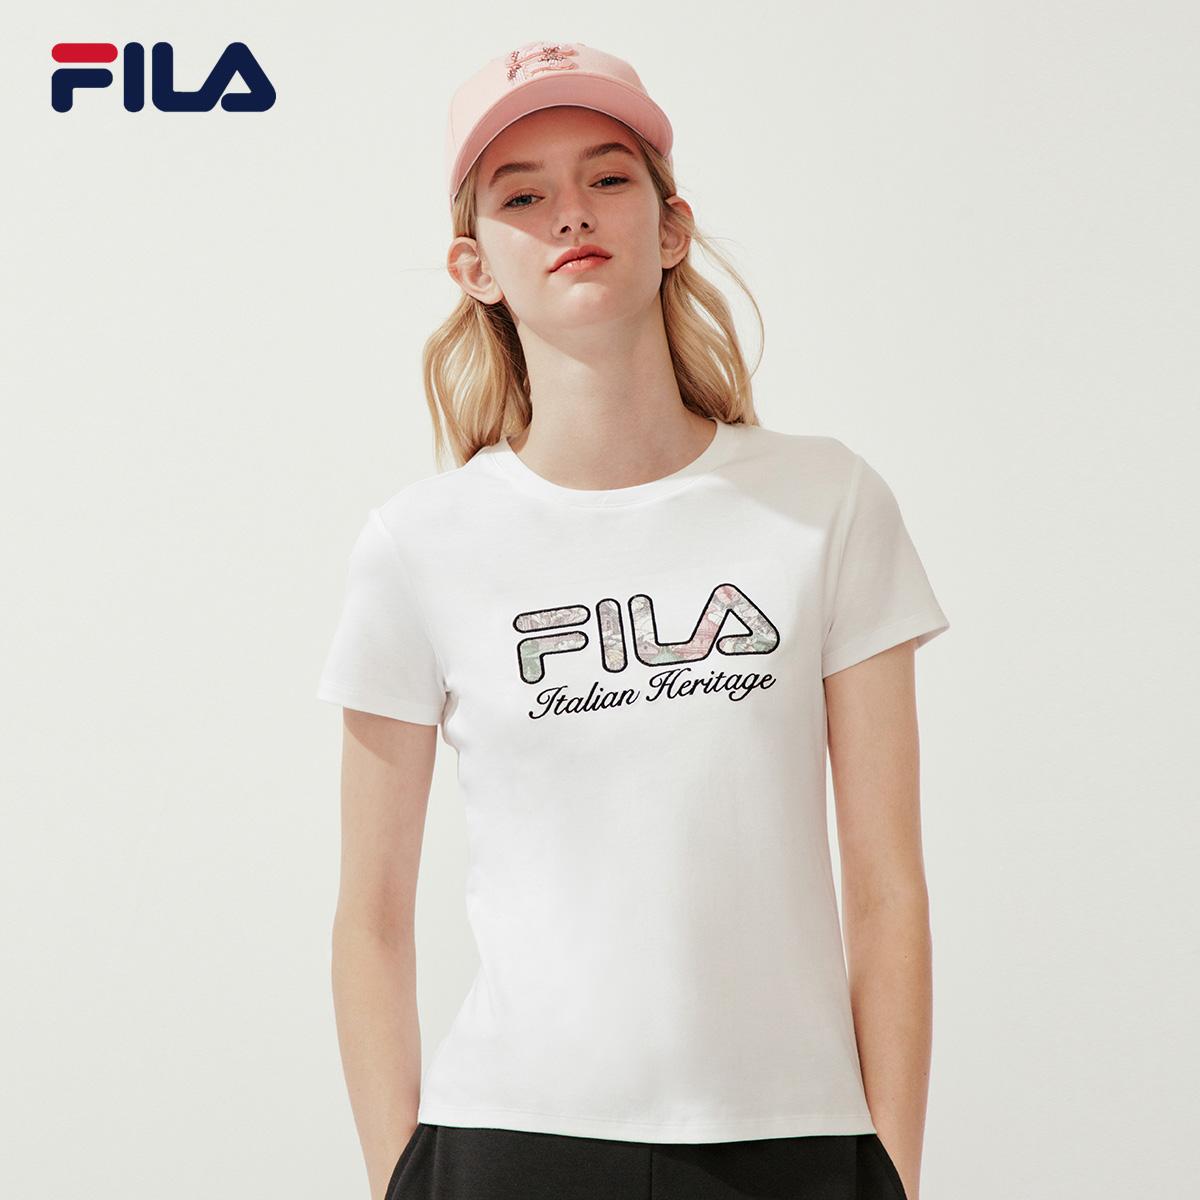 FILA斐乐官方女子短袖T恤2020春款运动时尚生活休闲服打底衫